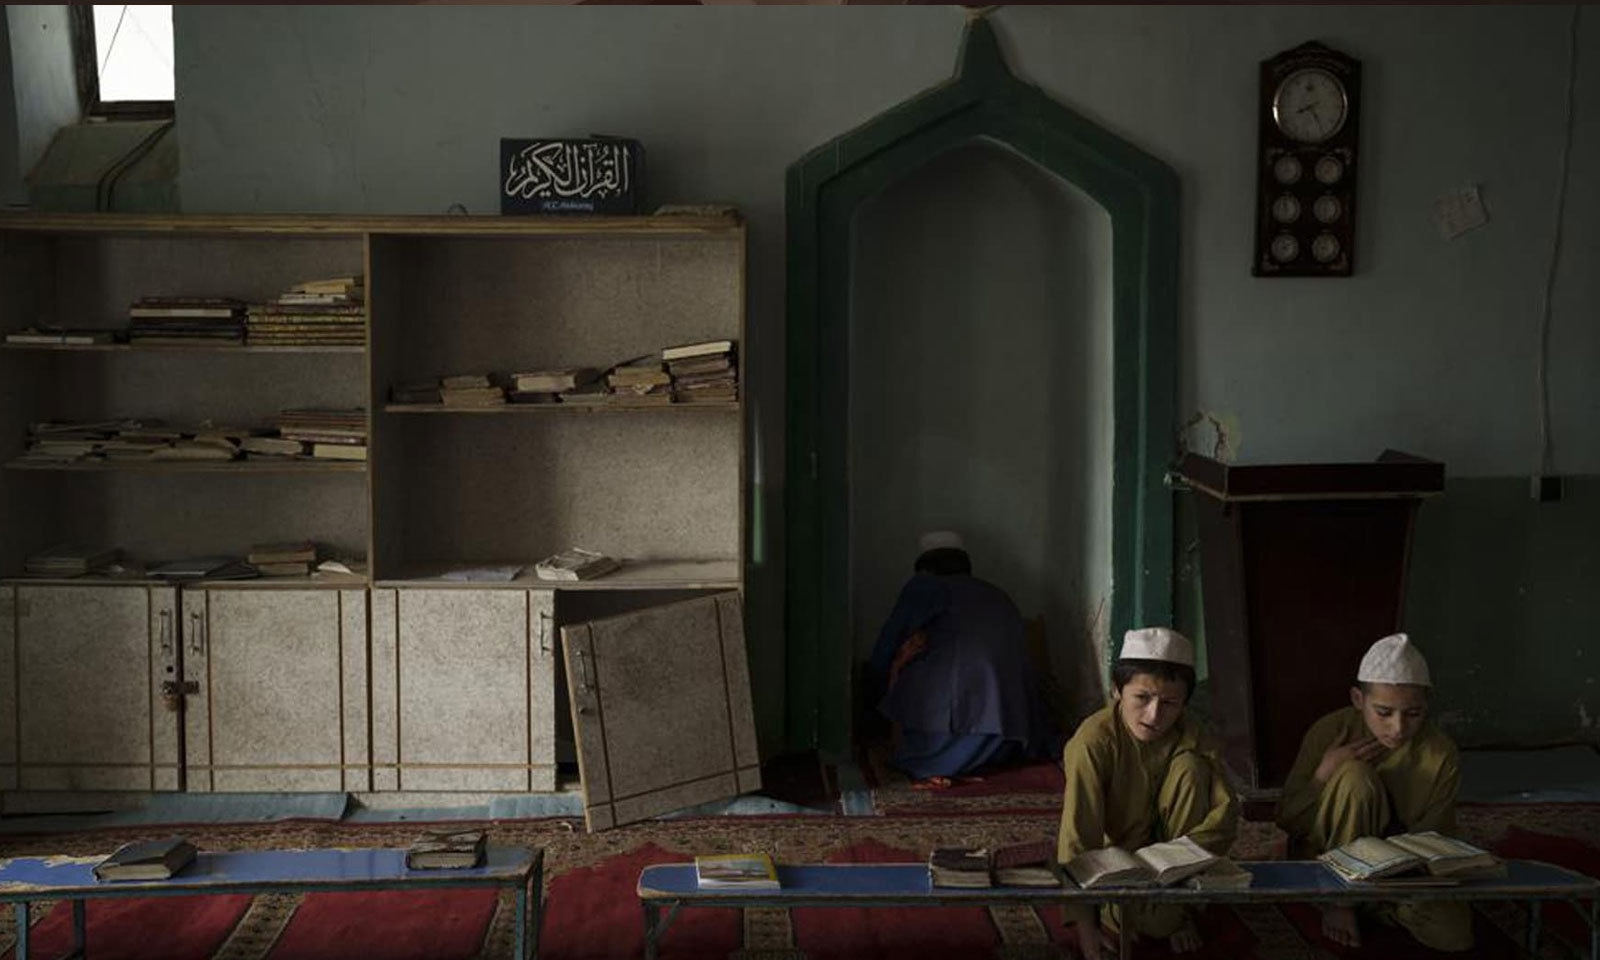 افغان طلبا کابل کے ایک مدرسے میں قرآن پاک پڑھ رہے ہیں  —فوٹو: اے پی